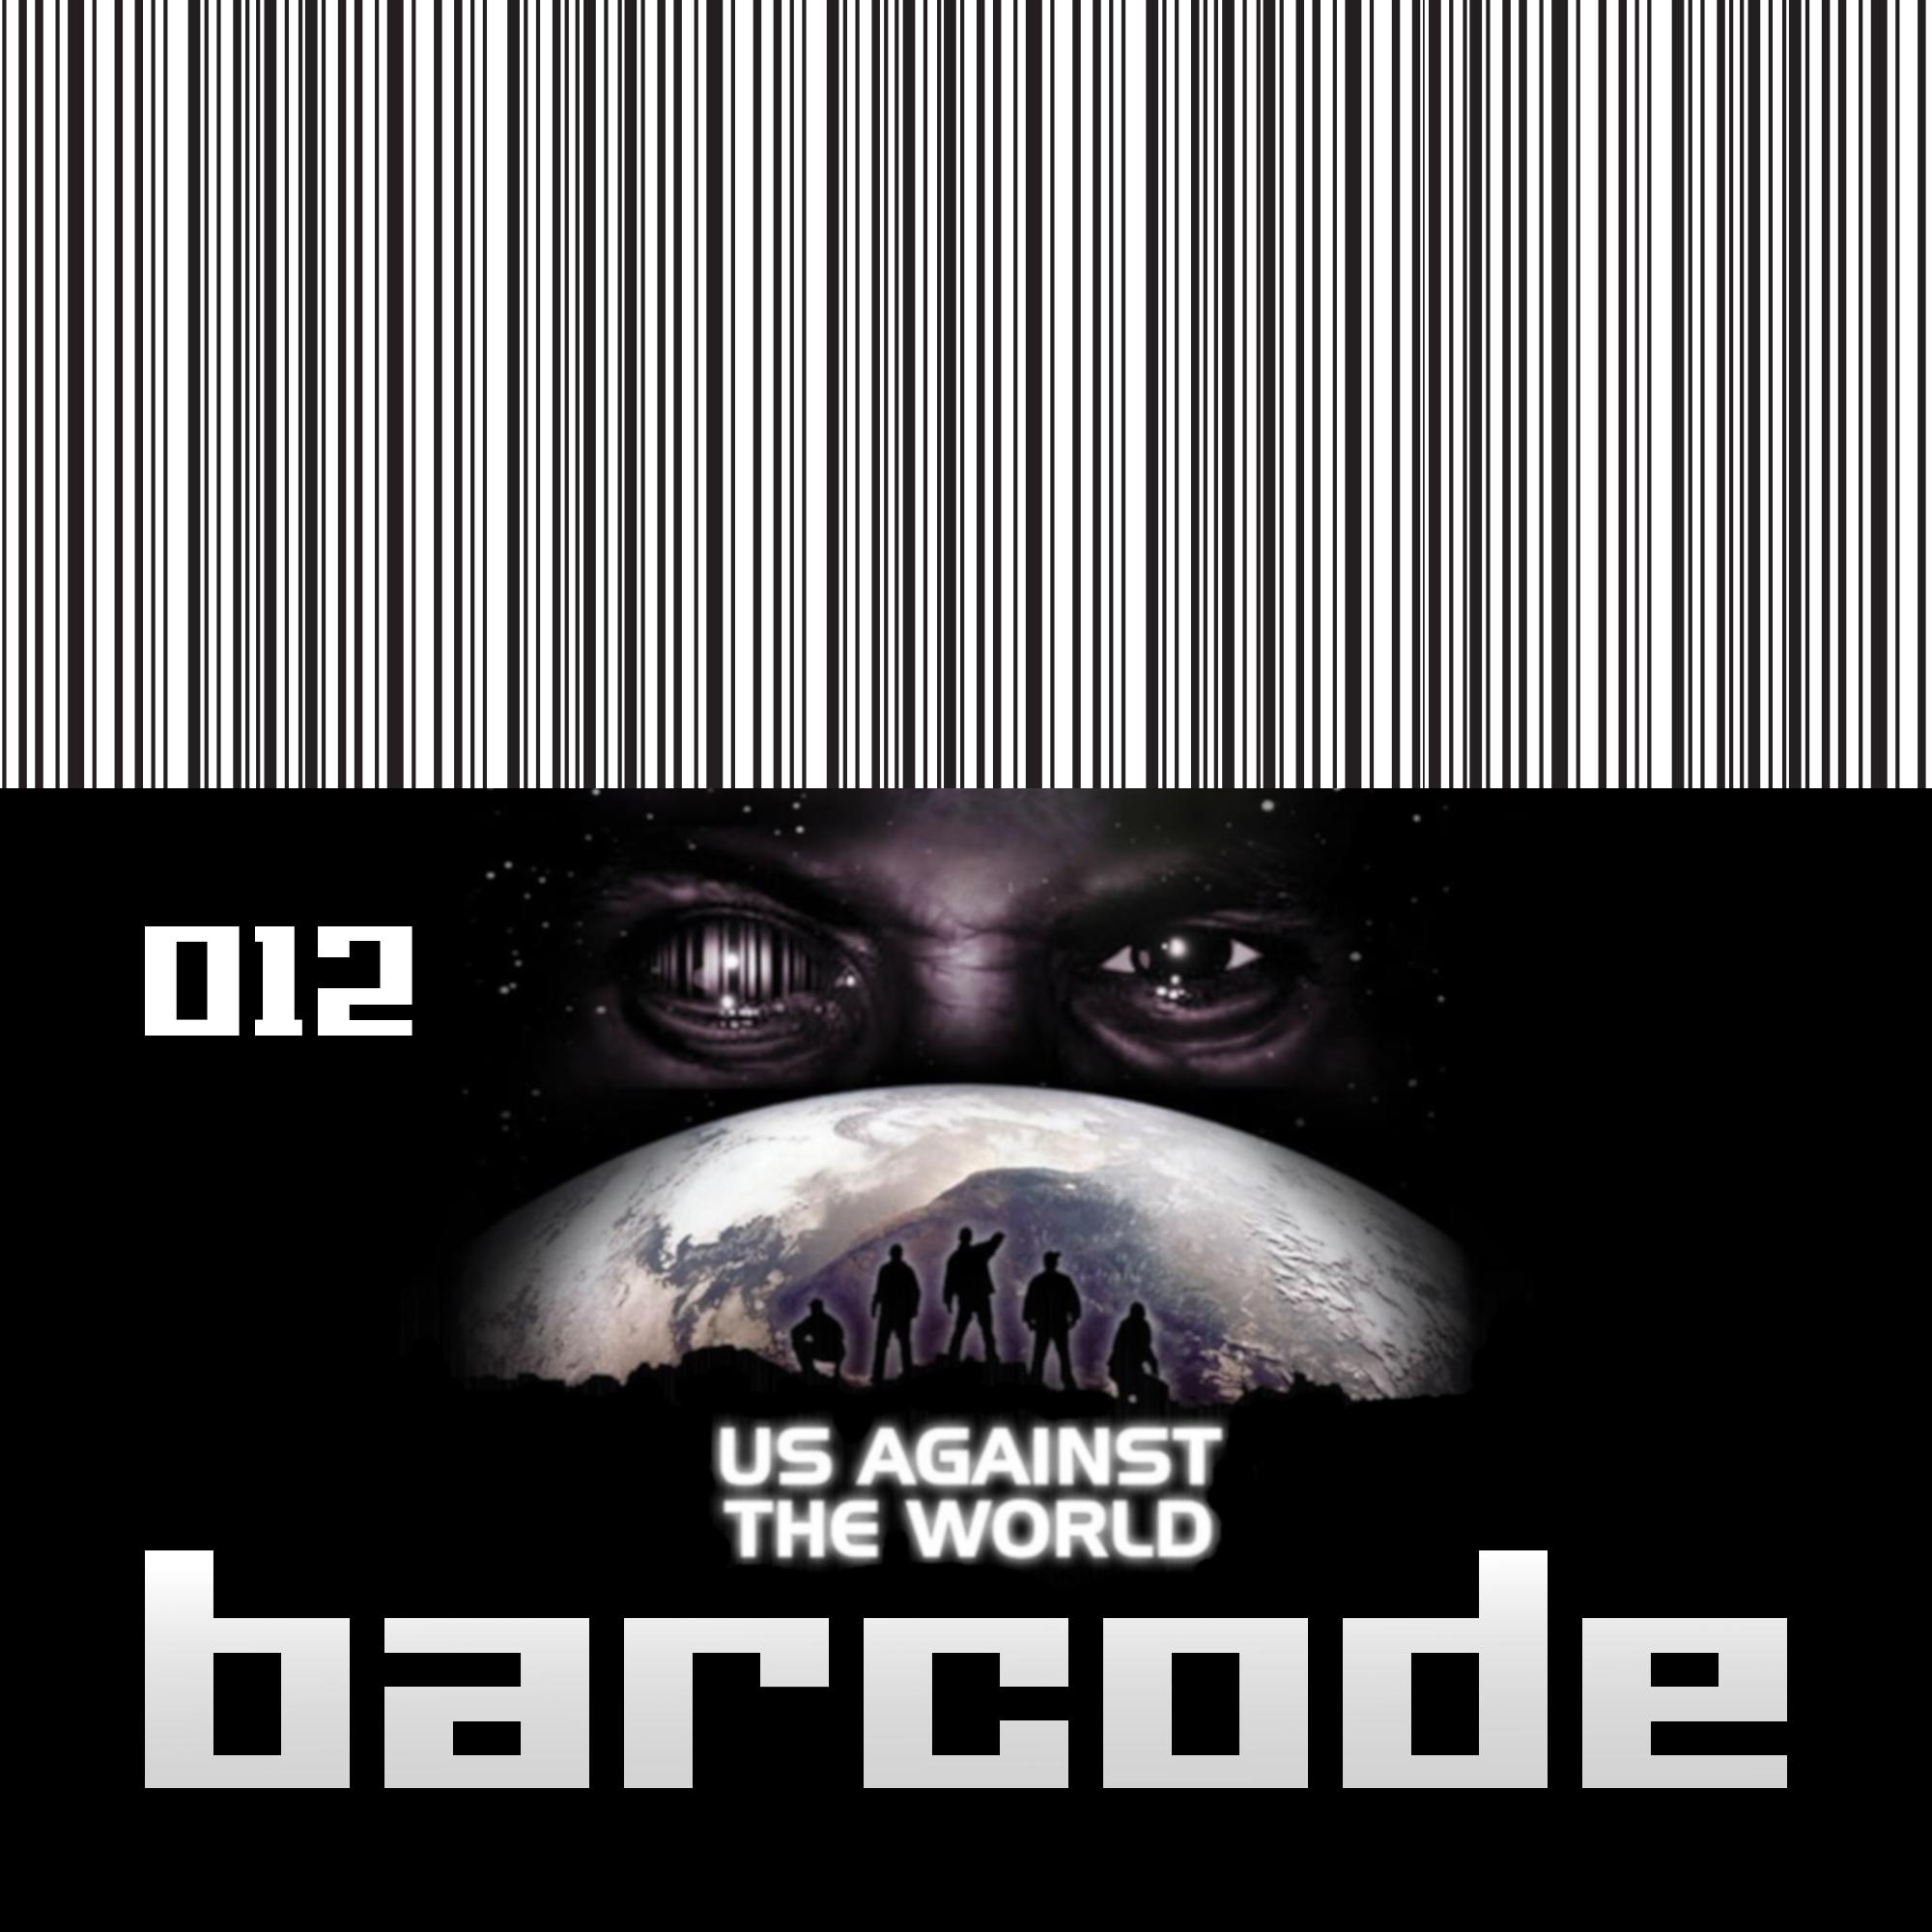 Barcode012.jpg